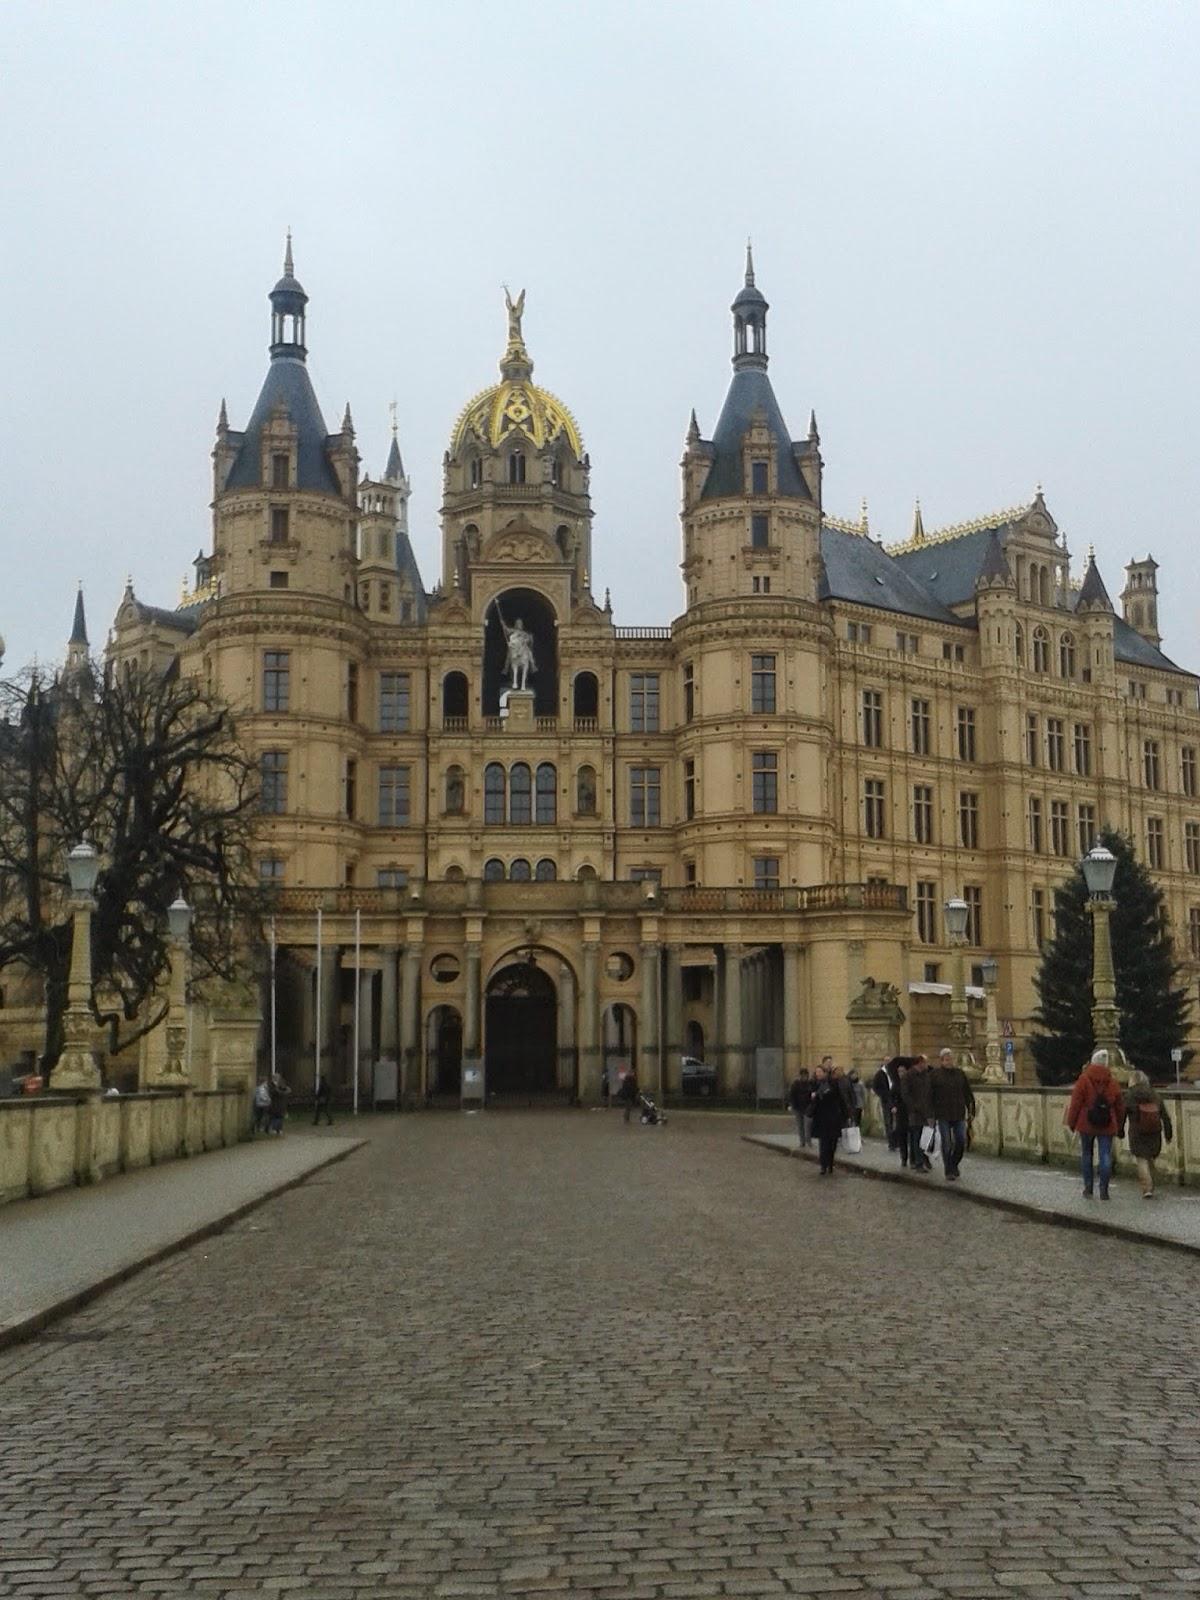 Frontseite und Eingang zum Landtag vom Schloss Schwerin